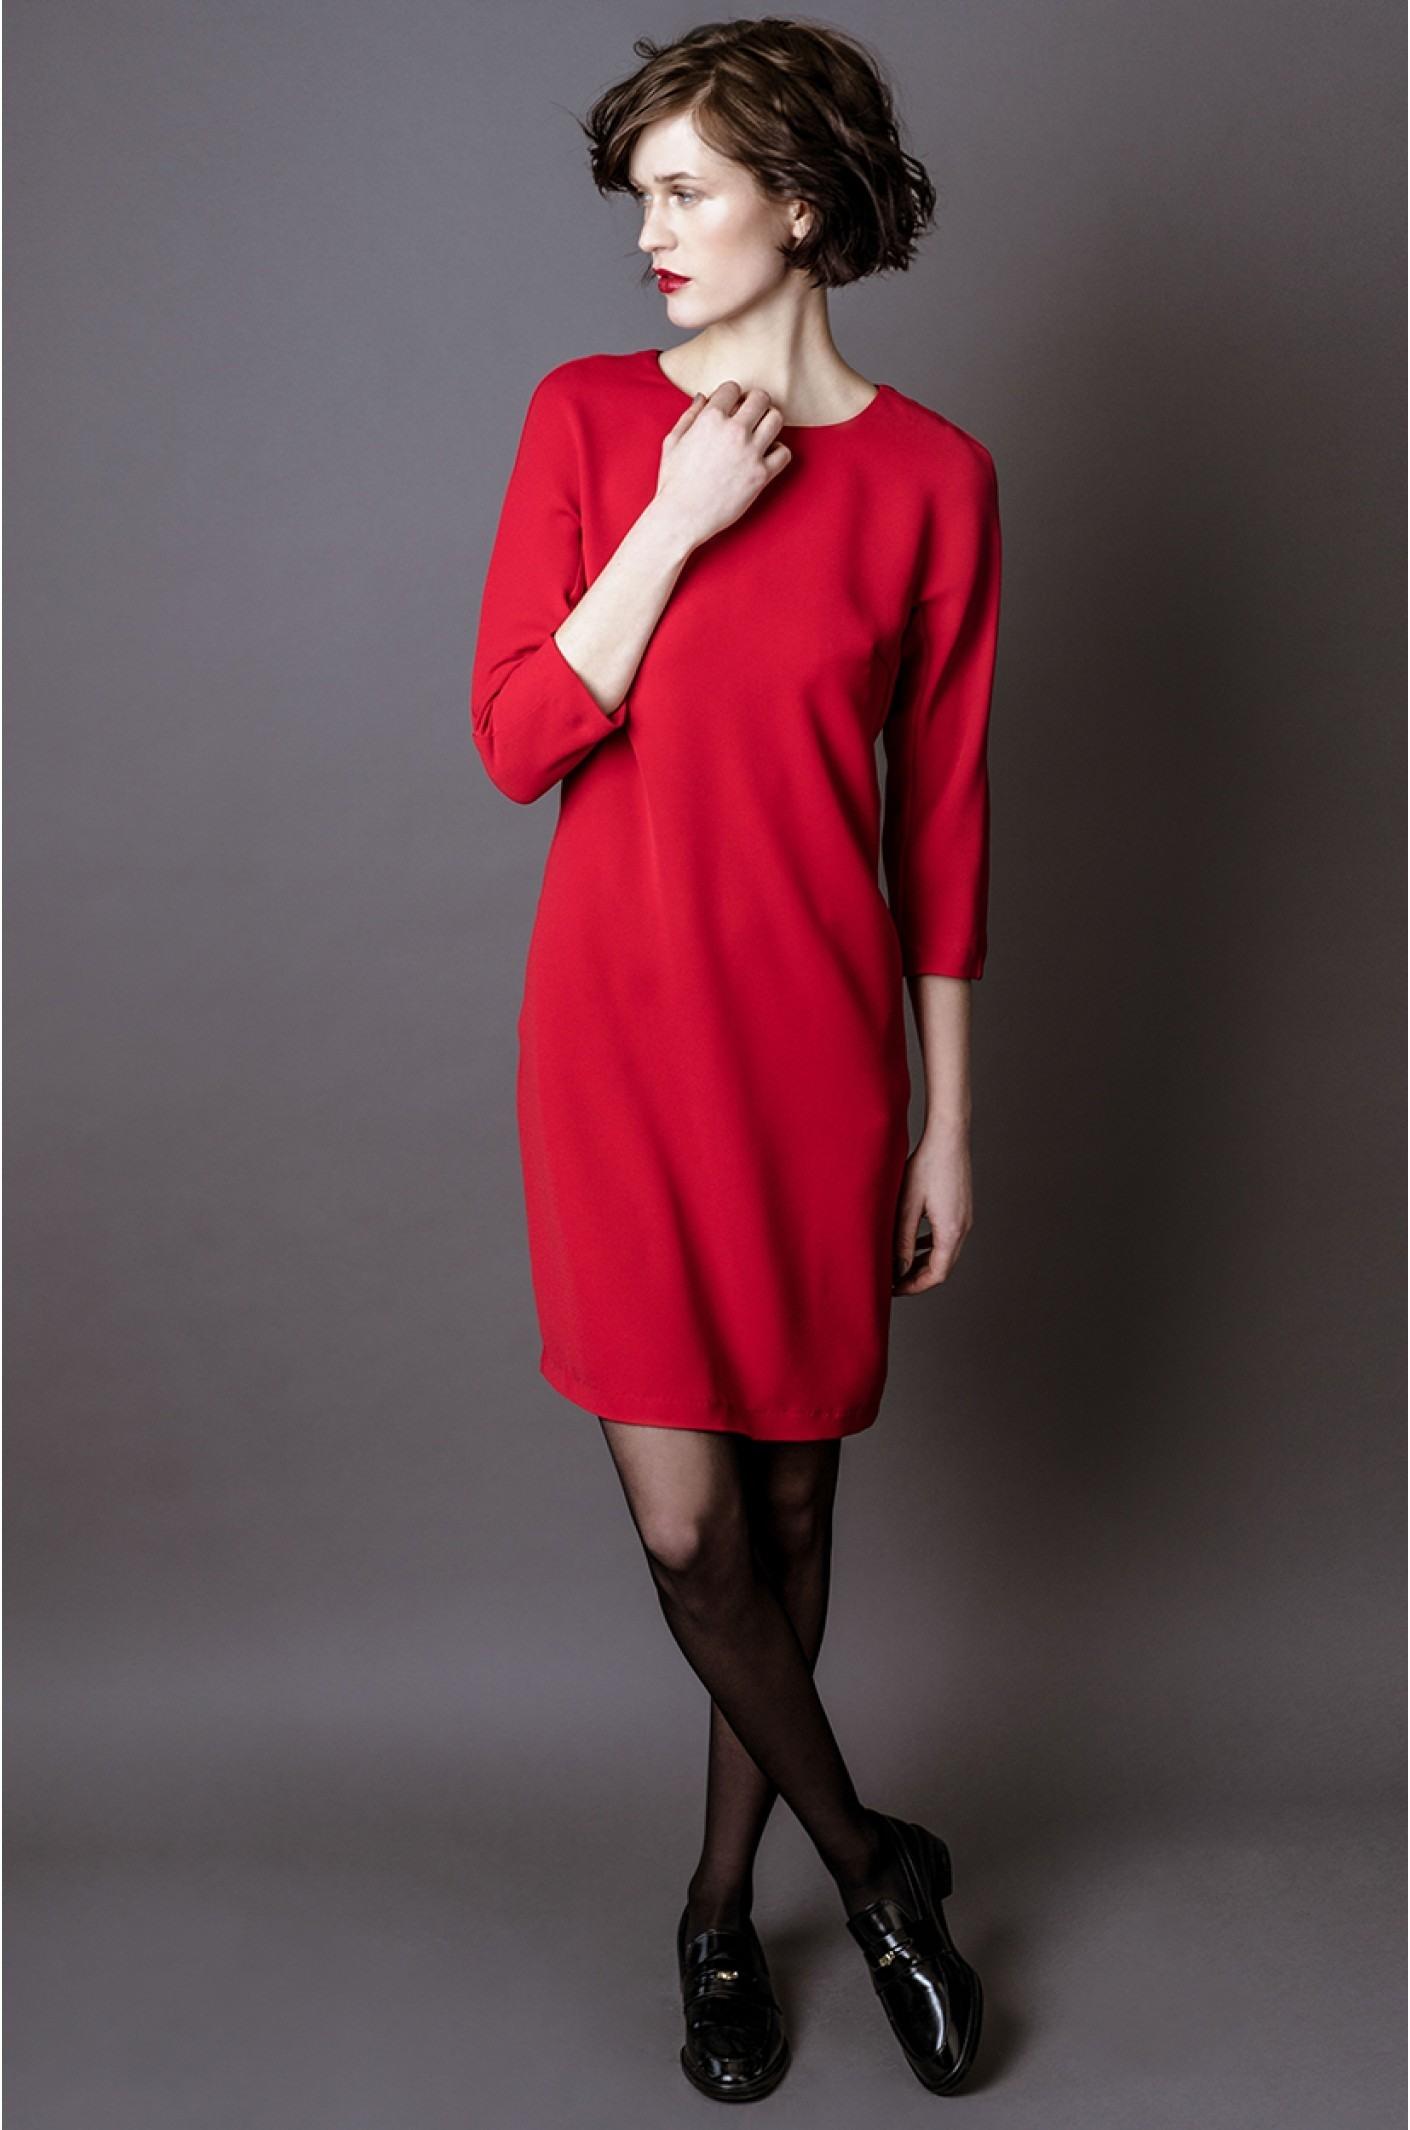 Designer Elegant Langes Schlichtes Kleid Bester Preis17 Cool Langes Schlichtes Kleid Galerie